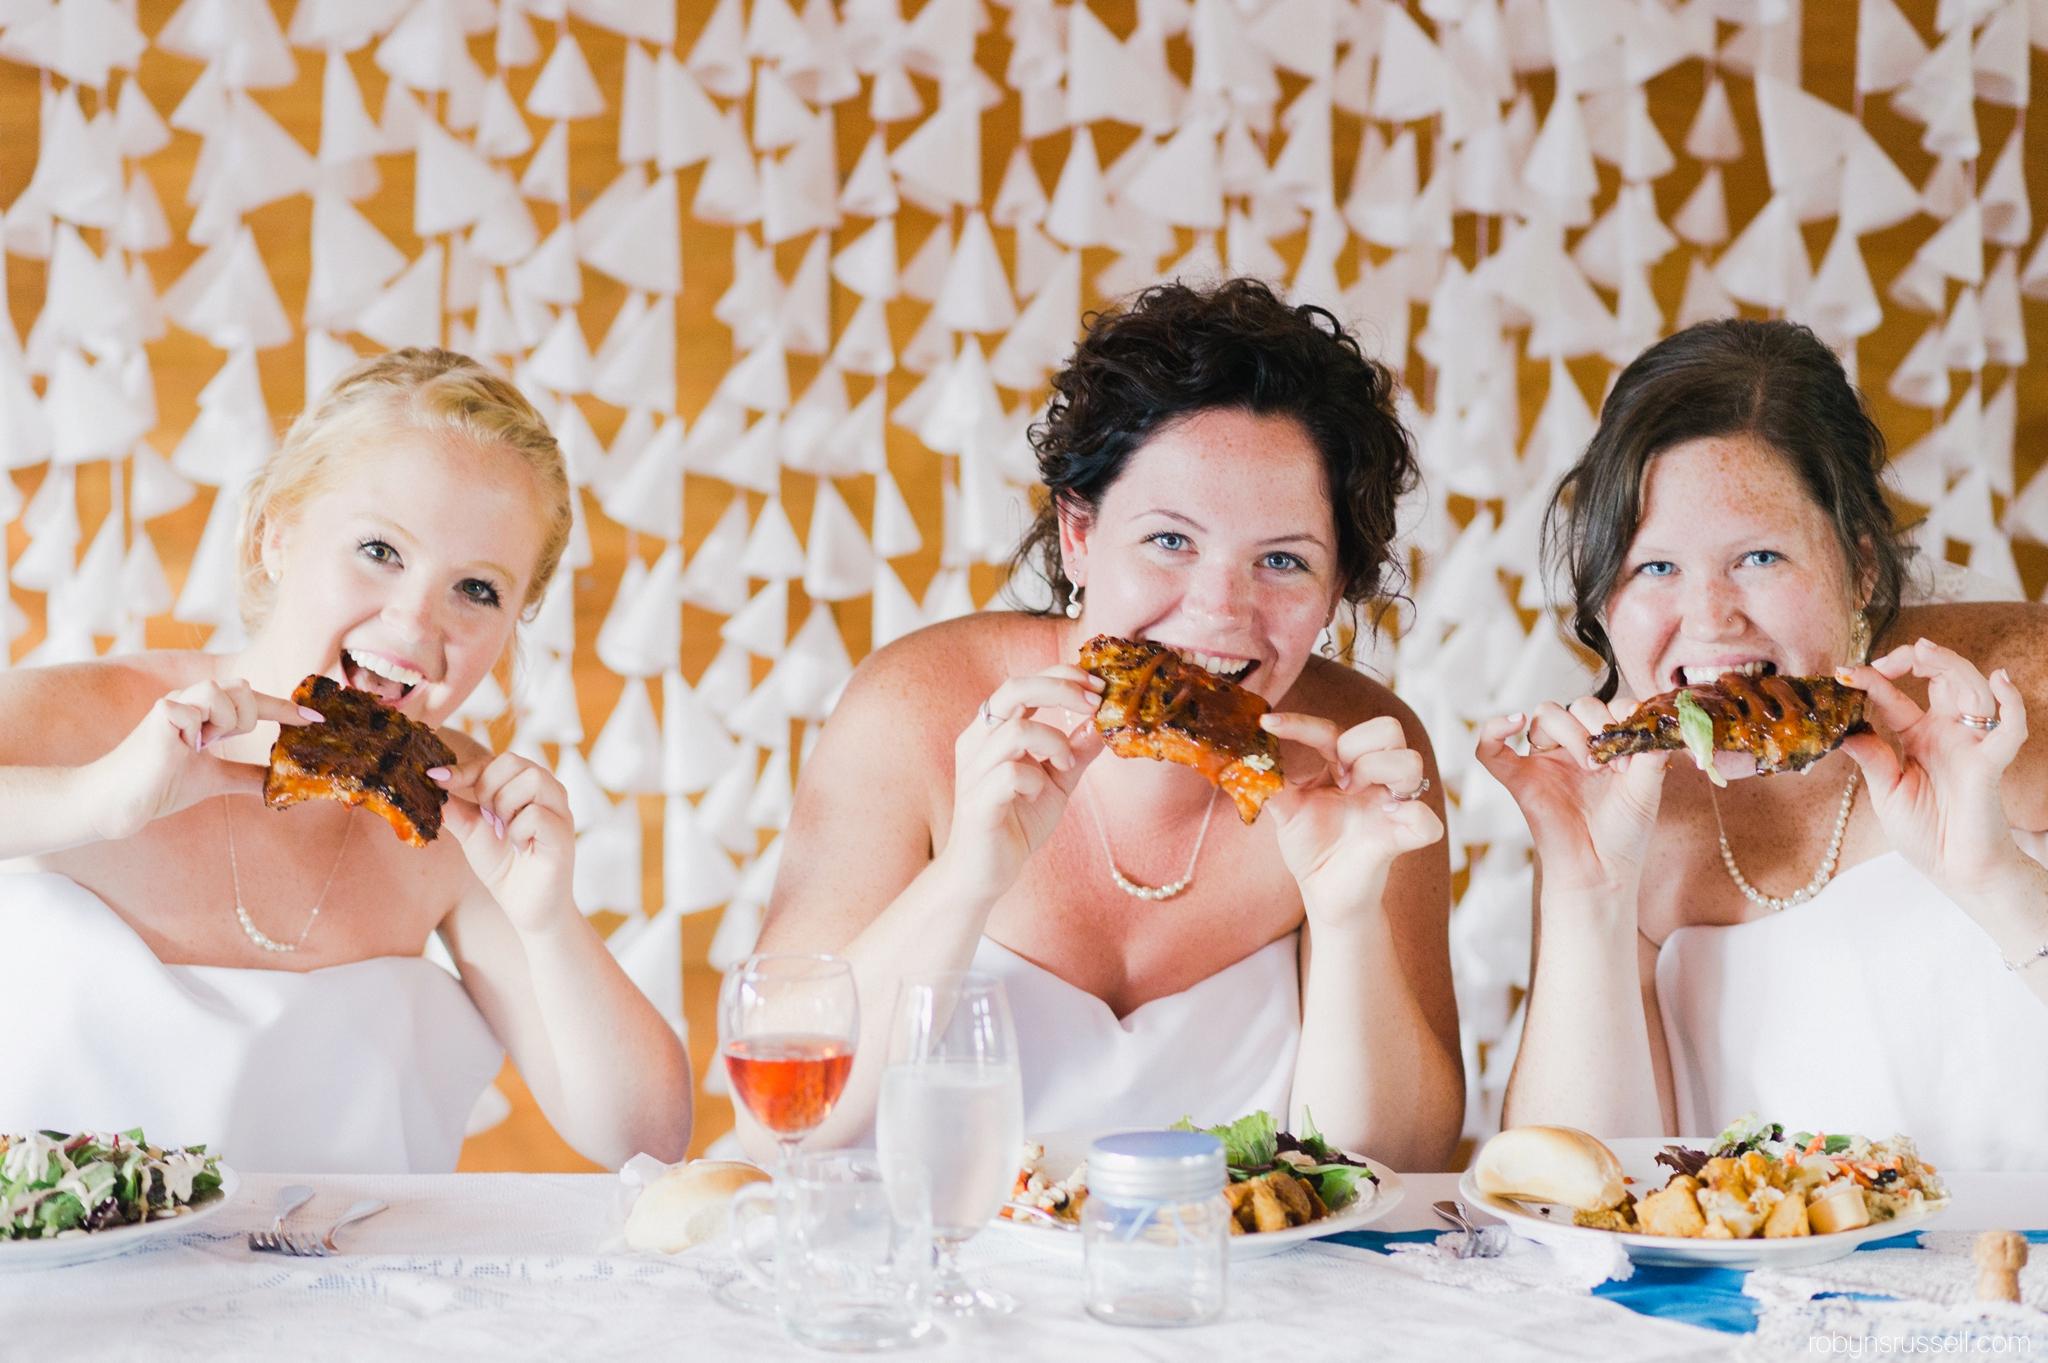 49-bride-and-bridesmaids-eating-ribs.jpg